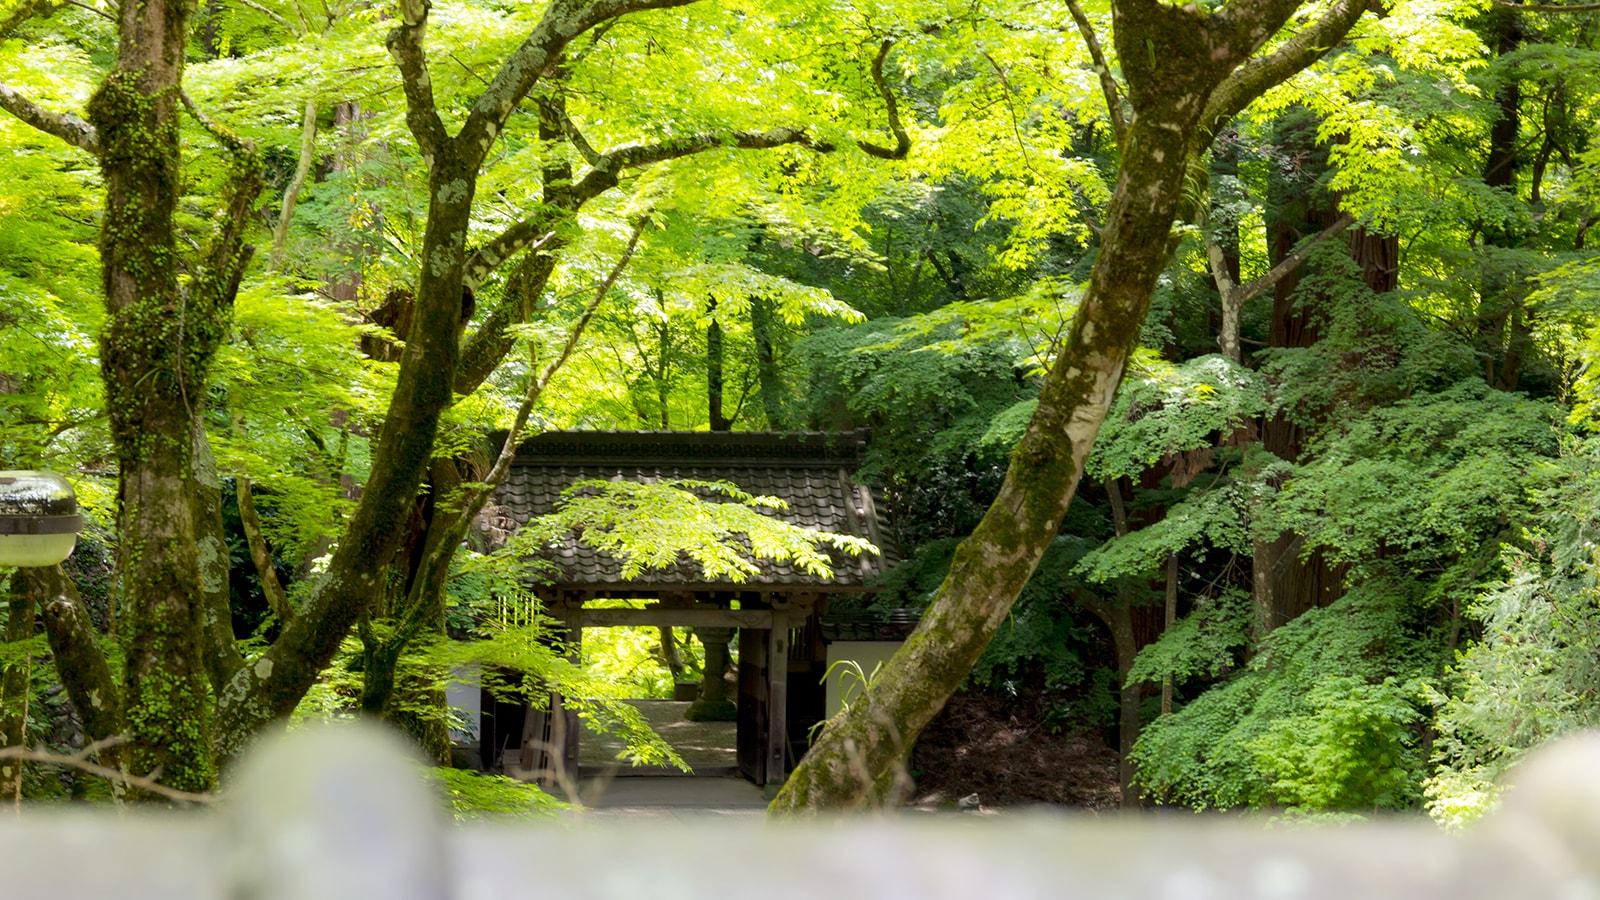 新緑の緑に輝く香積寺山門 - -愛知県豊田市にある観光、撮影スポット- -